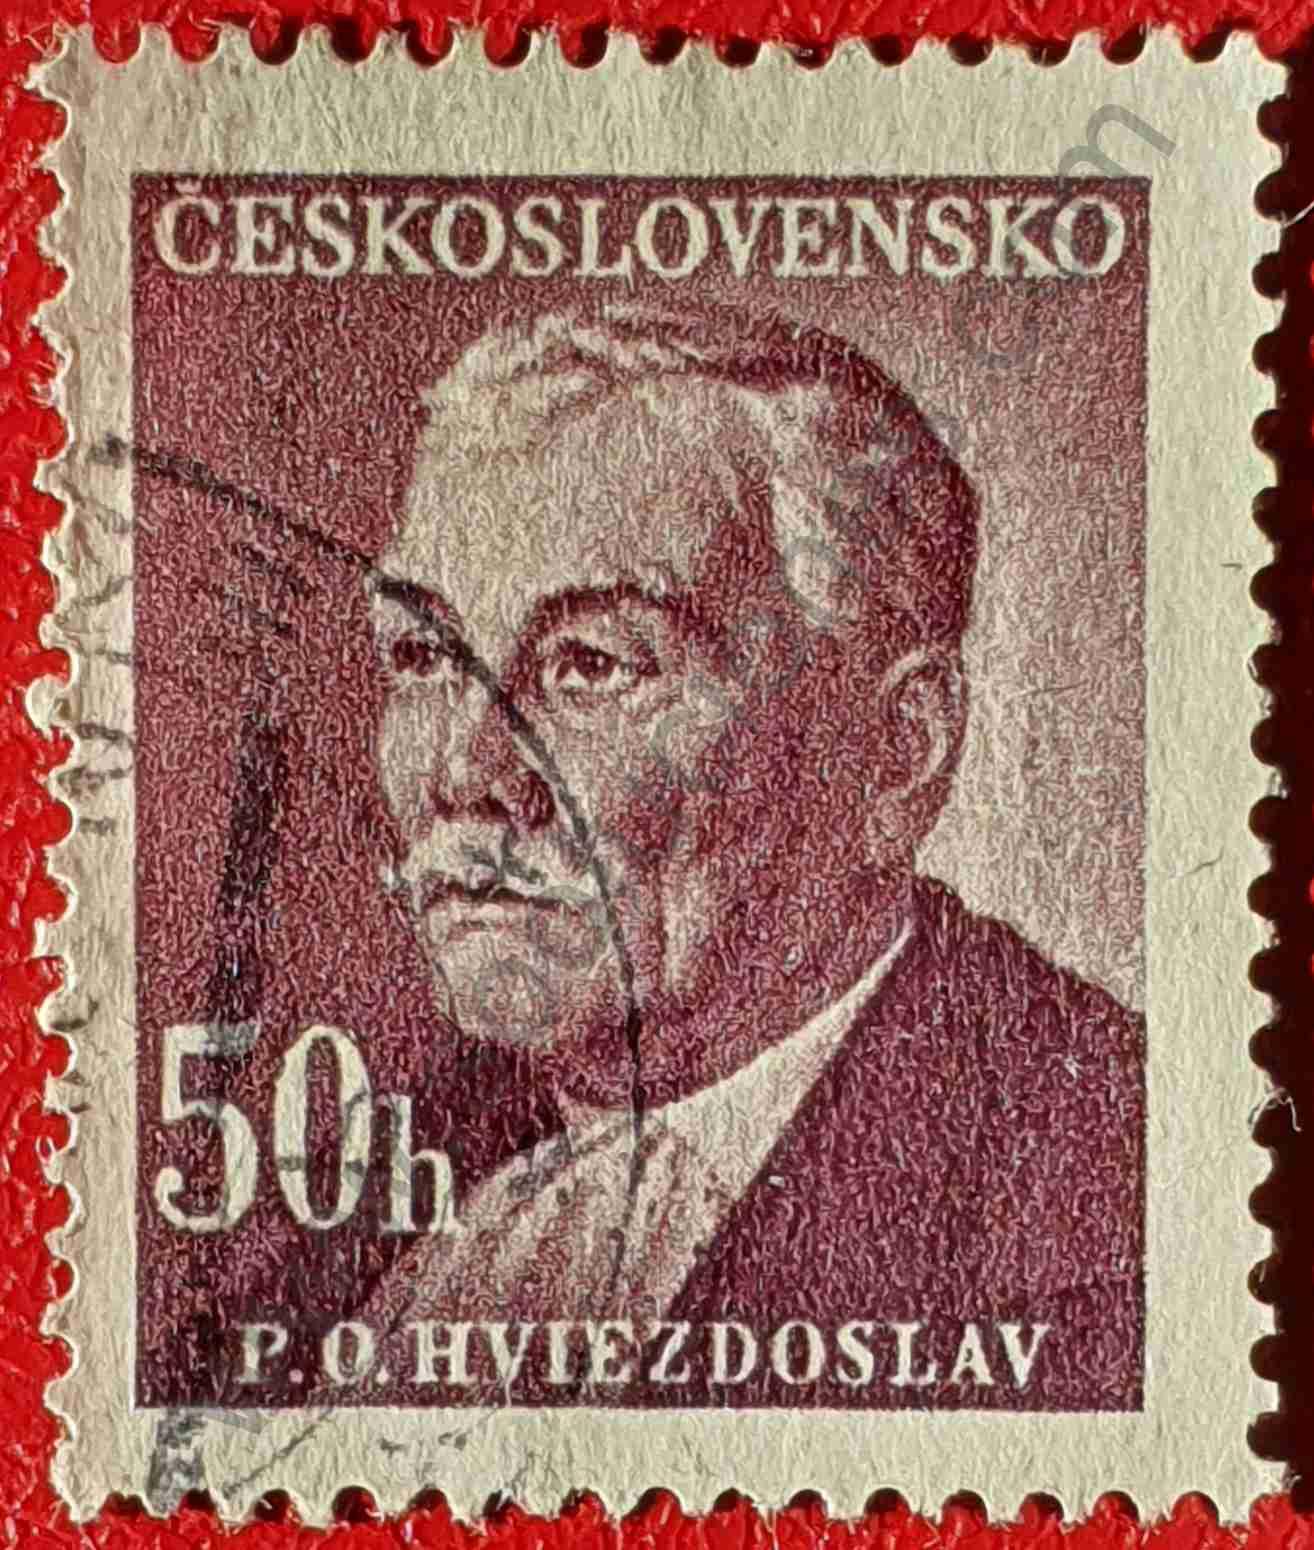 Pavol Országh Hviezdoslav - Sello Checoslovaquia 1949